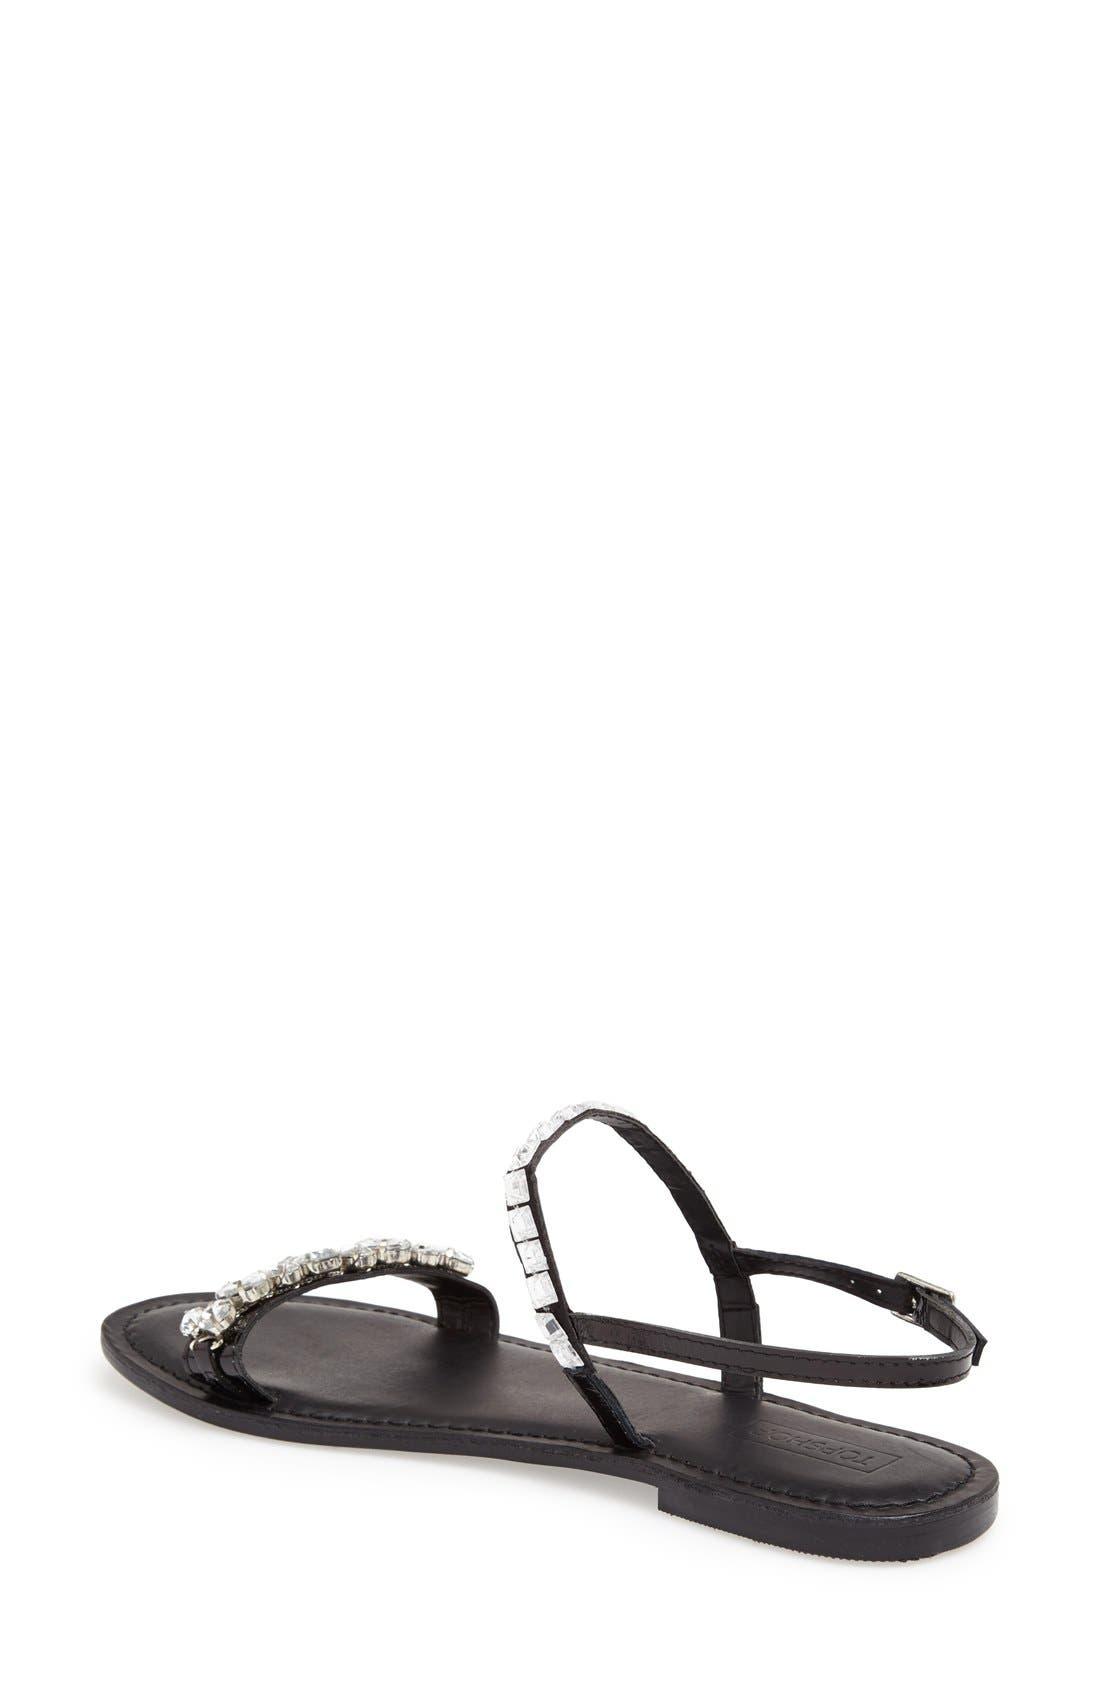 Alternate Image 2  - Topshop 'Harn' Embellished Sandal (Women)